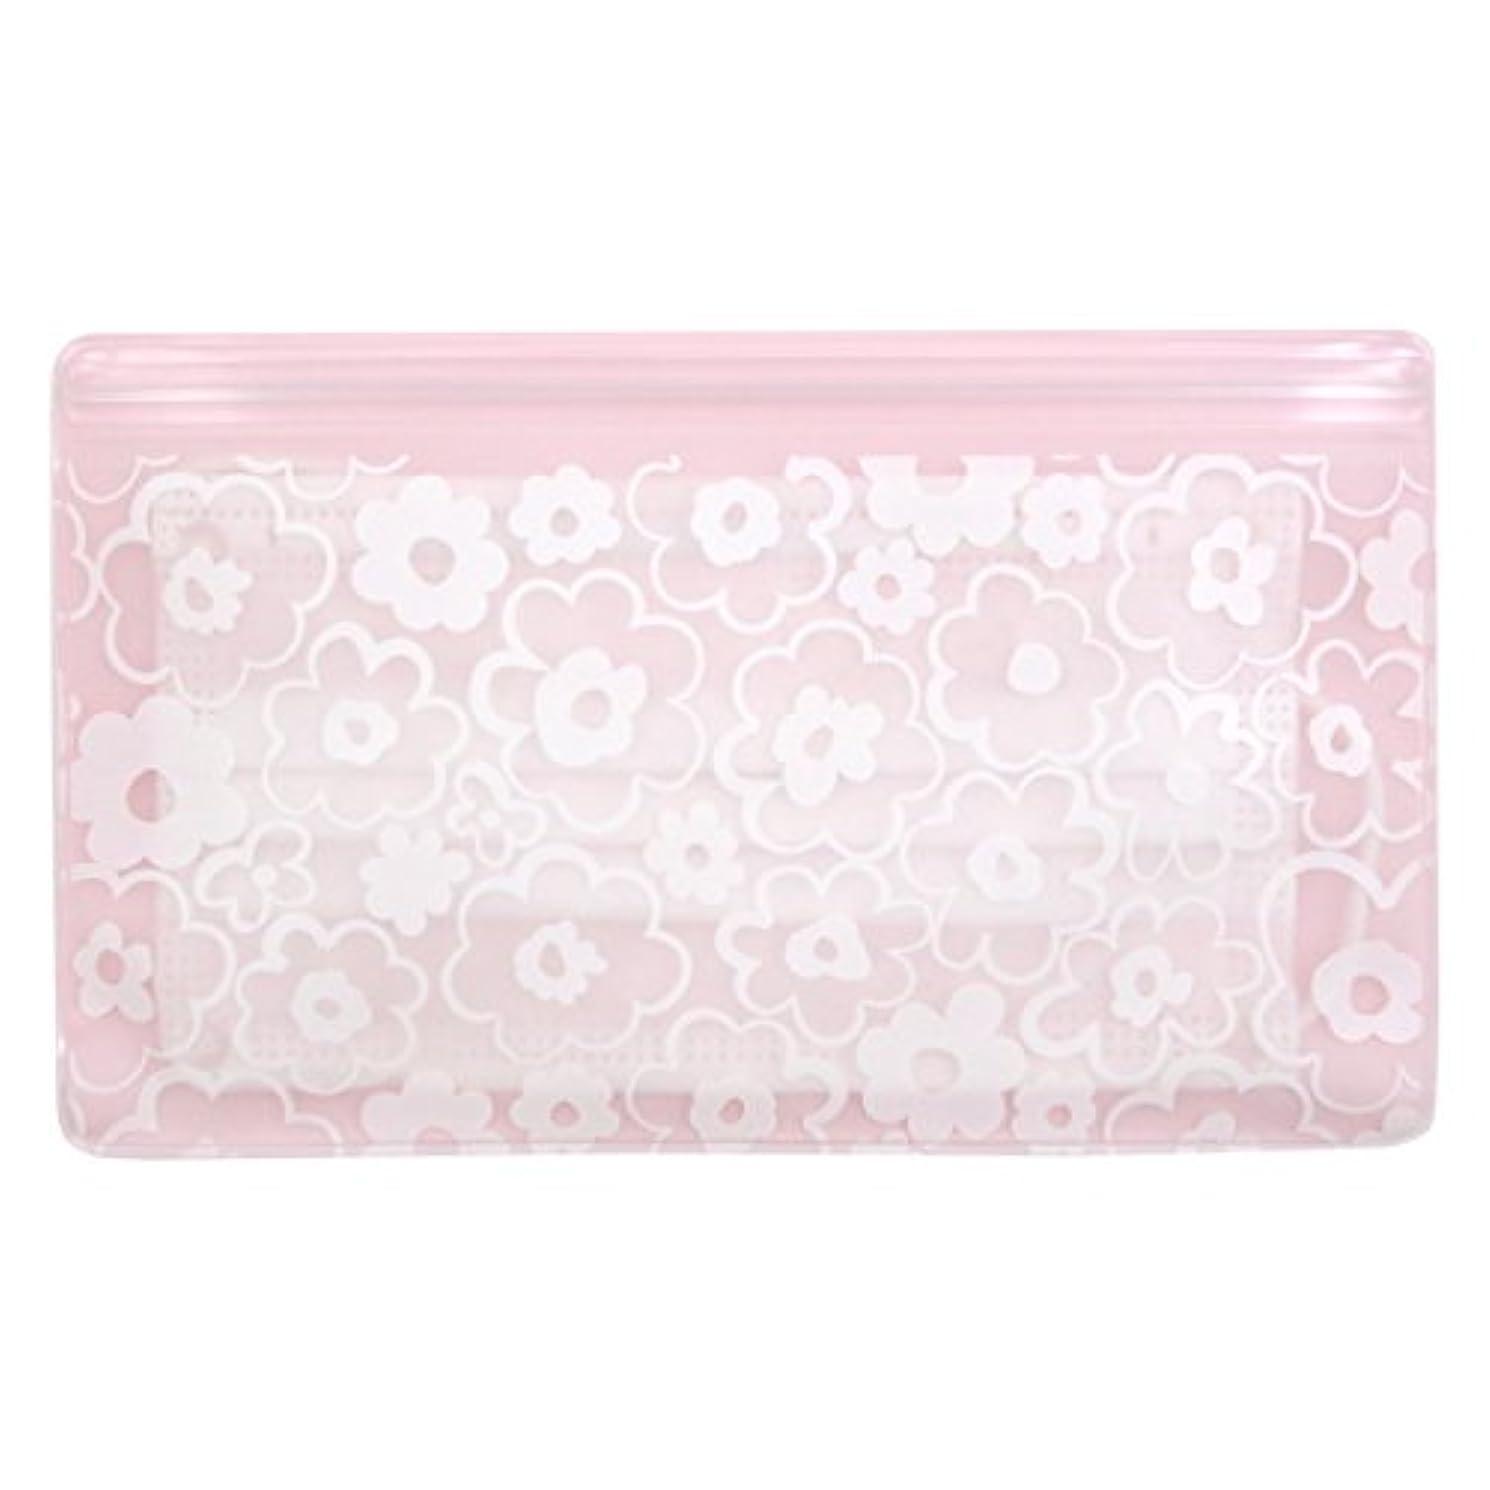 リマークしっかりスペード抗菌マスクケース Wポケット 花柄ピンク いやあらっくす